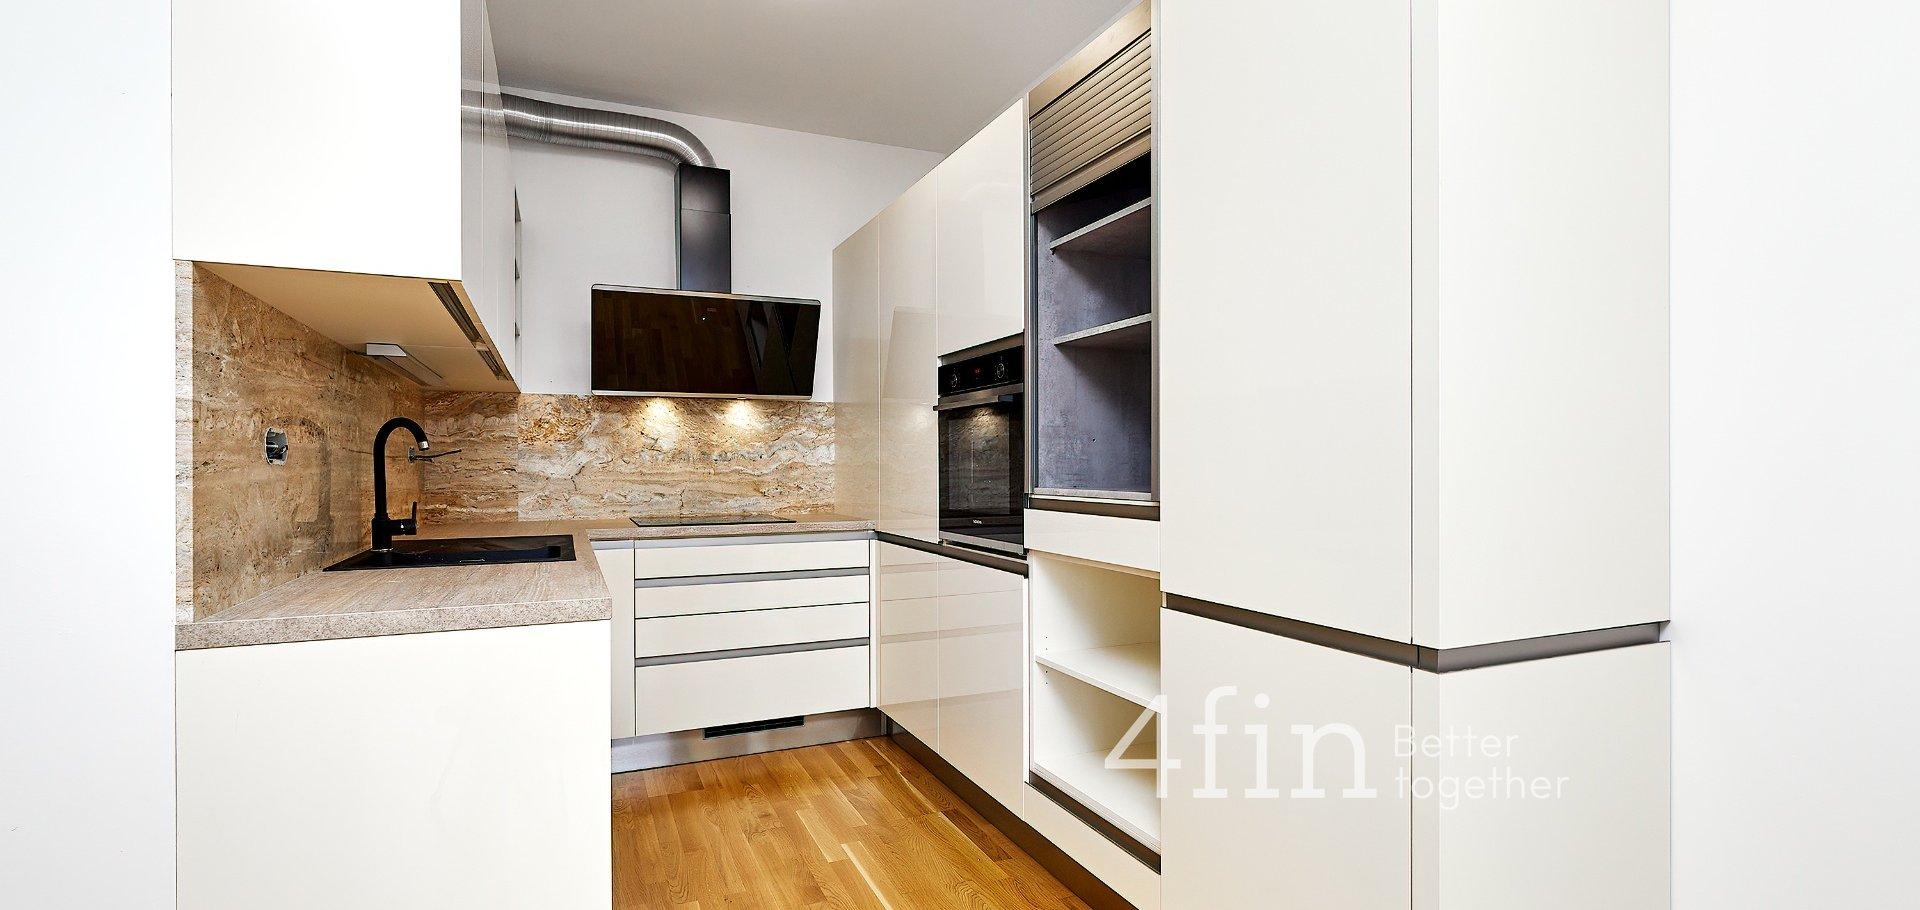 Pronájem moderního bytu 2+kk s lodžíí, 57m², Praha - Holešovice